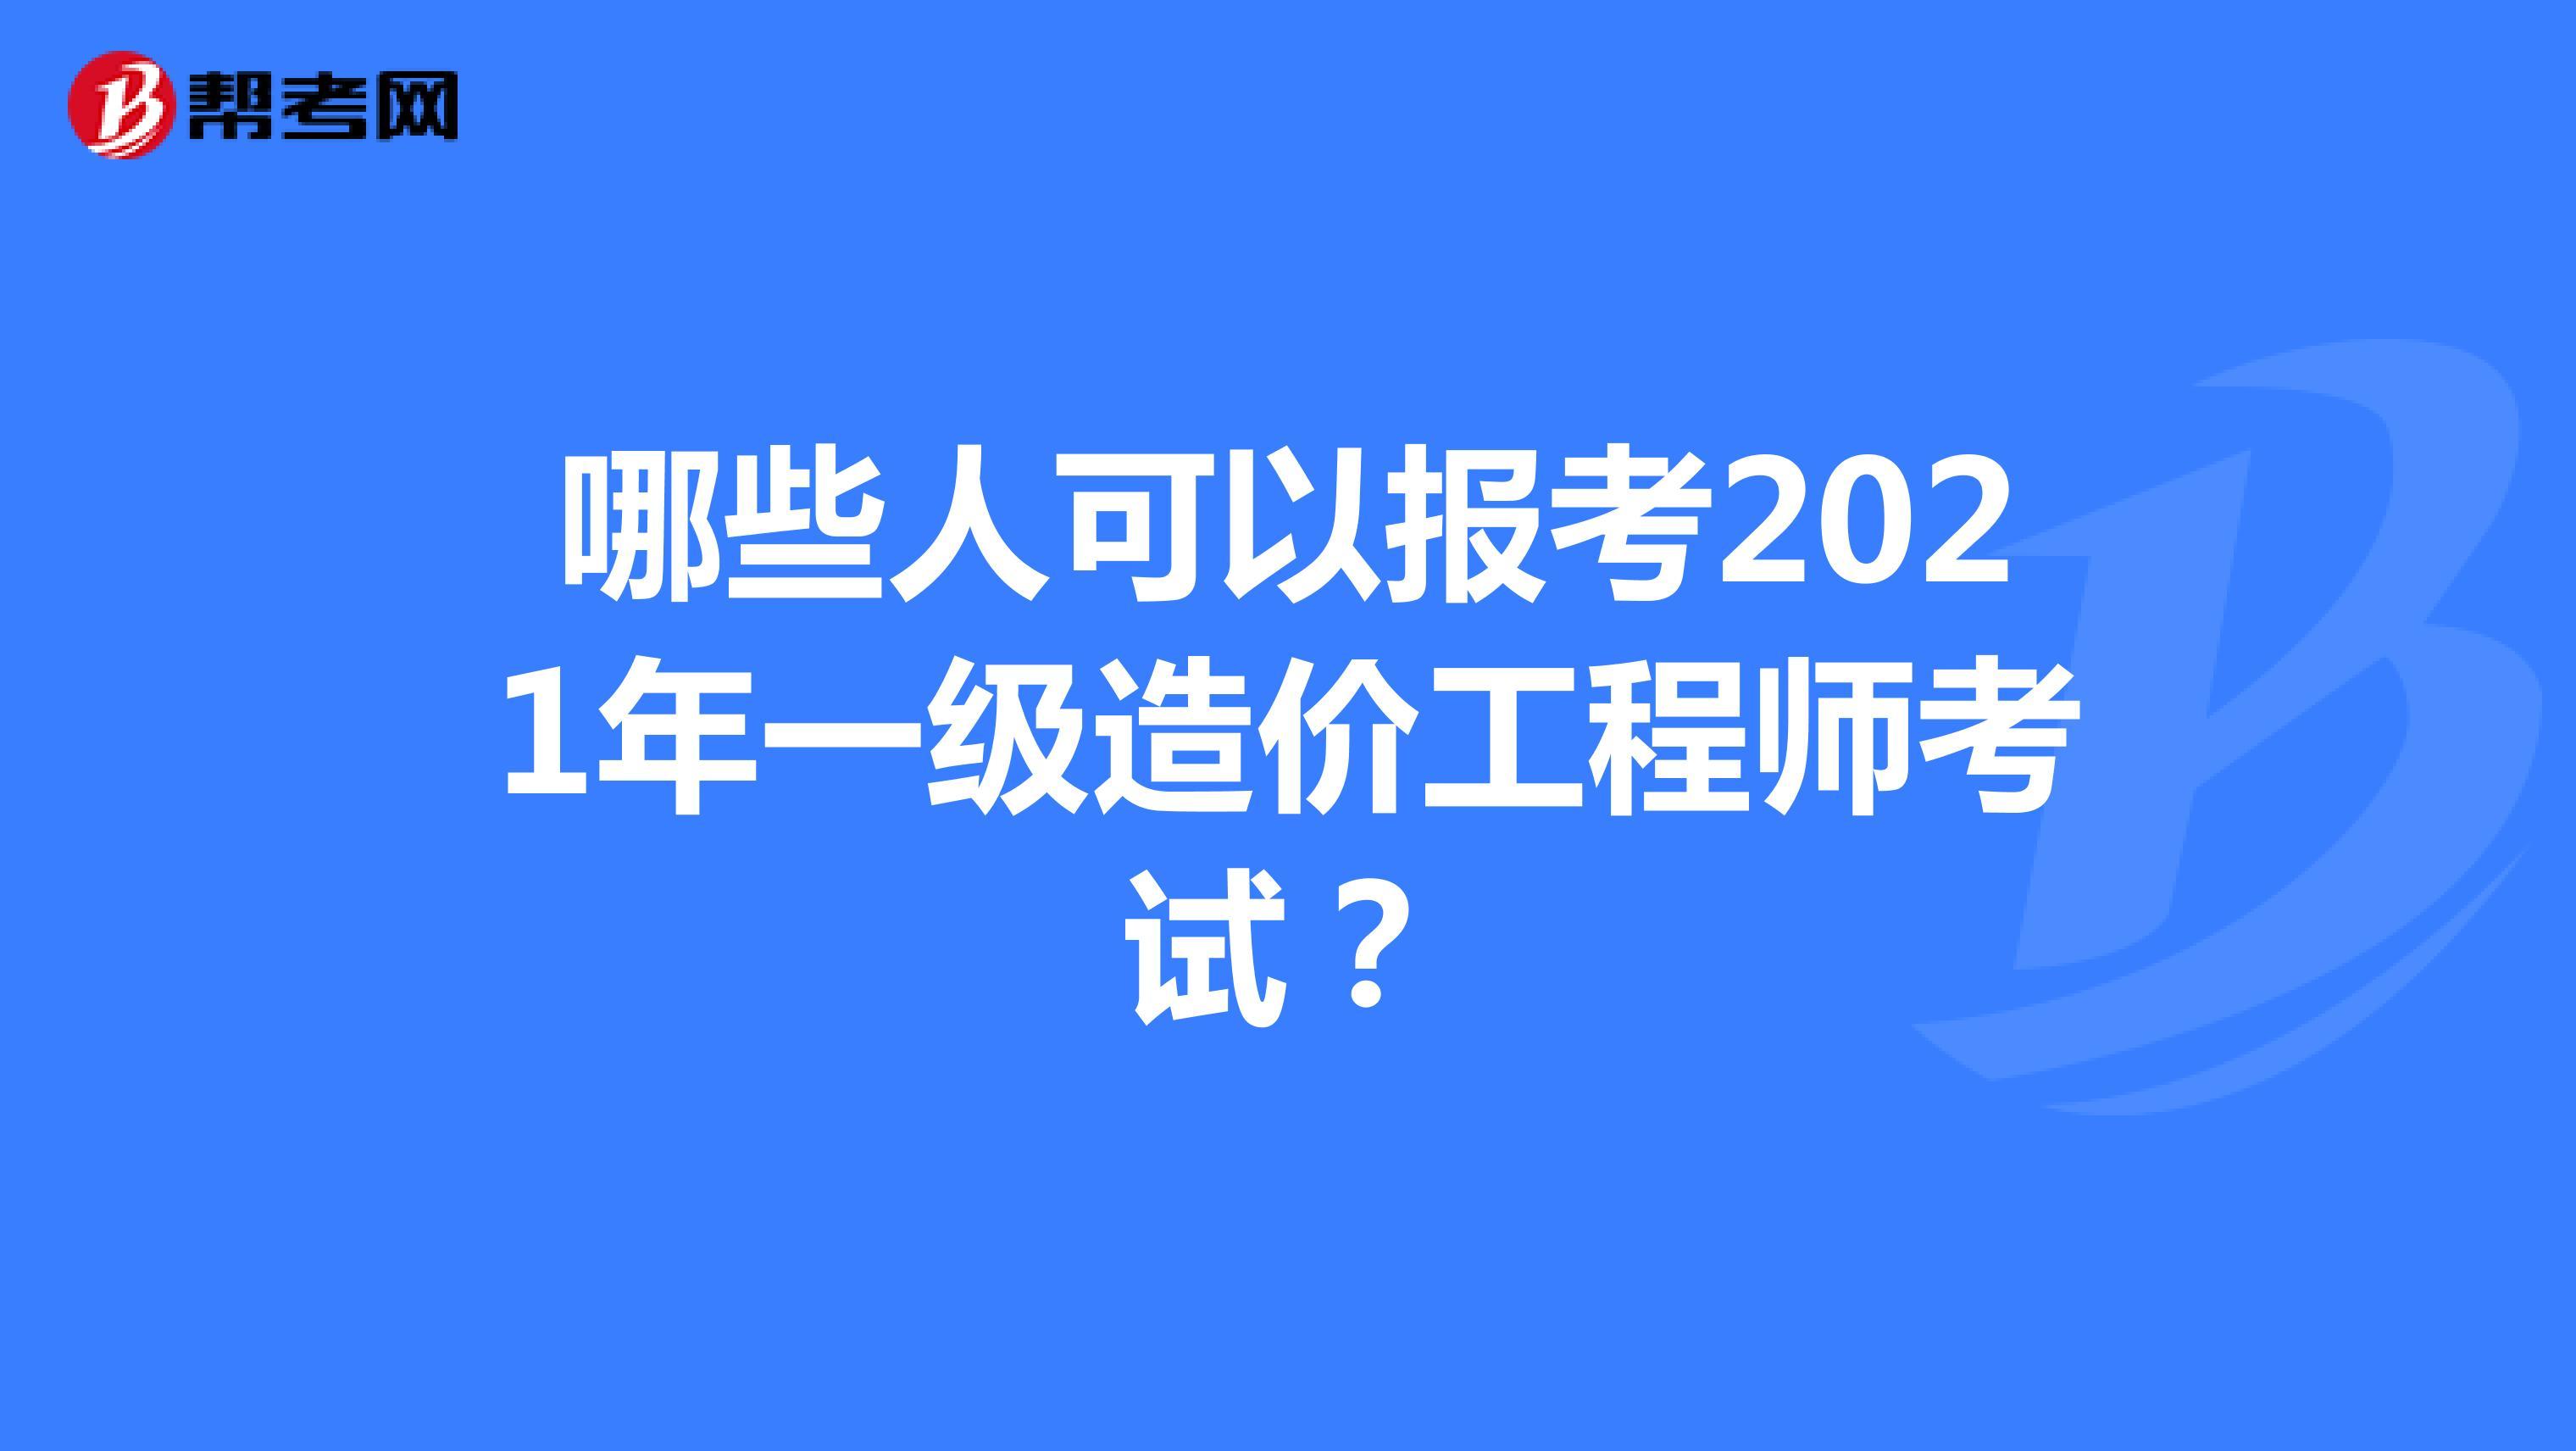 哪些人可以报考2021年一级造价工程师考试?